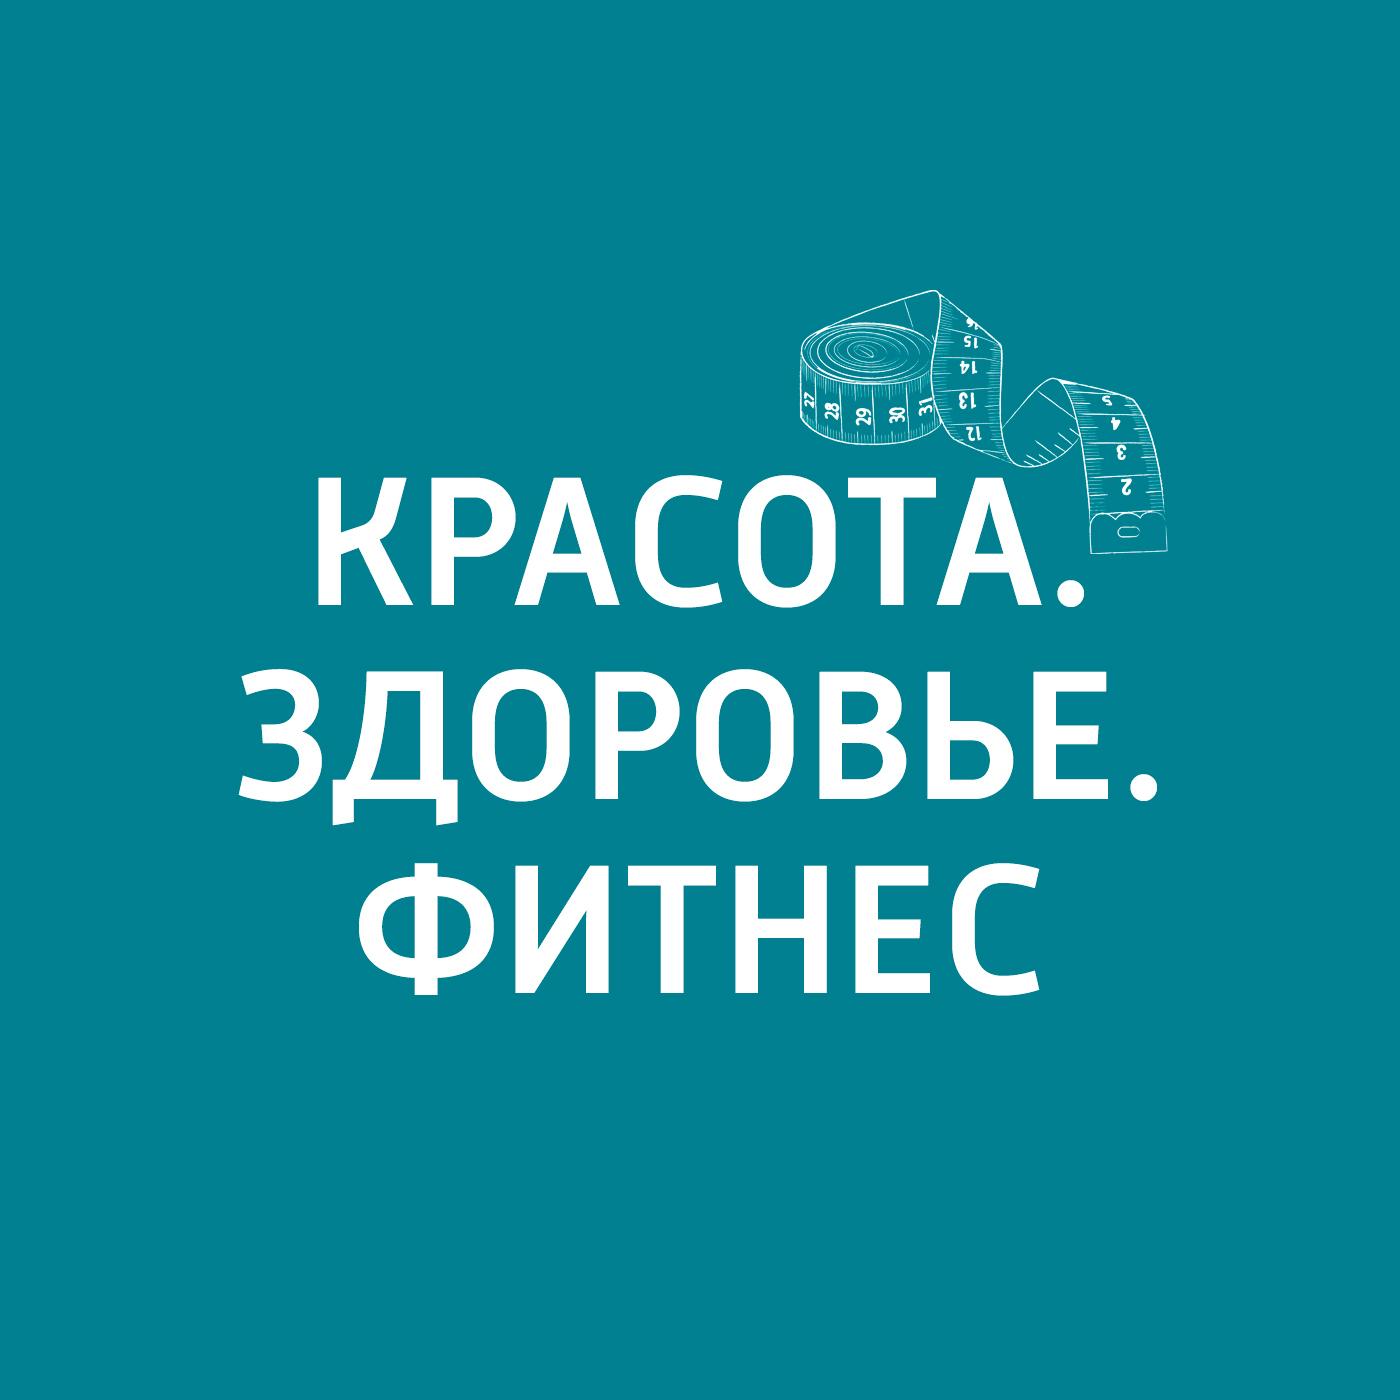 Маргарита Митрофанова Неизвестное об известном л бурмистрова что мы слышали на речке